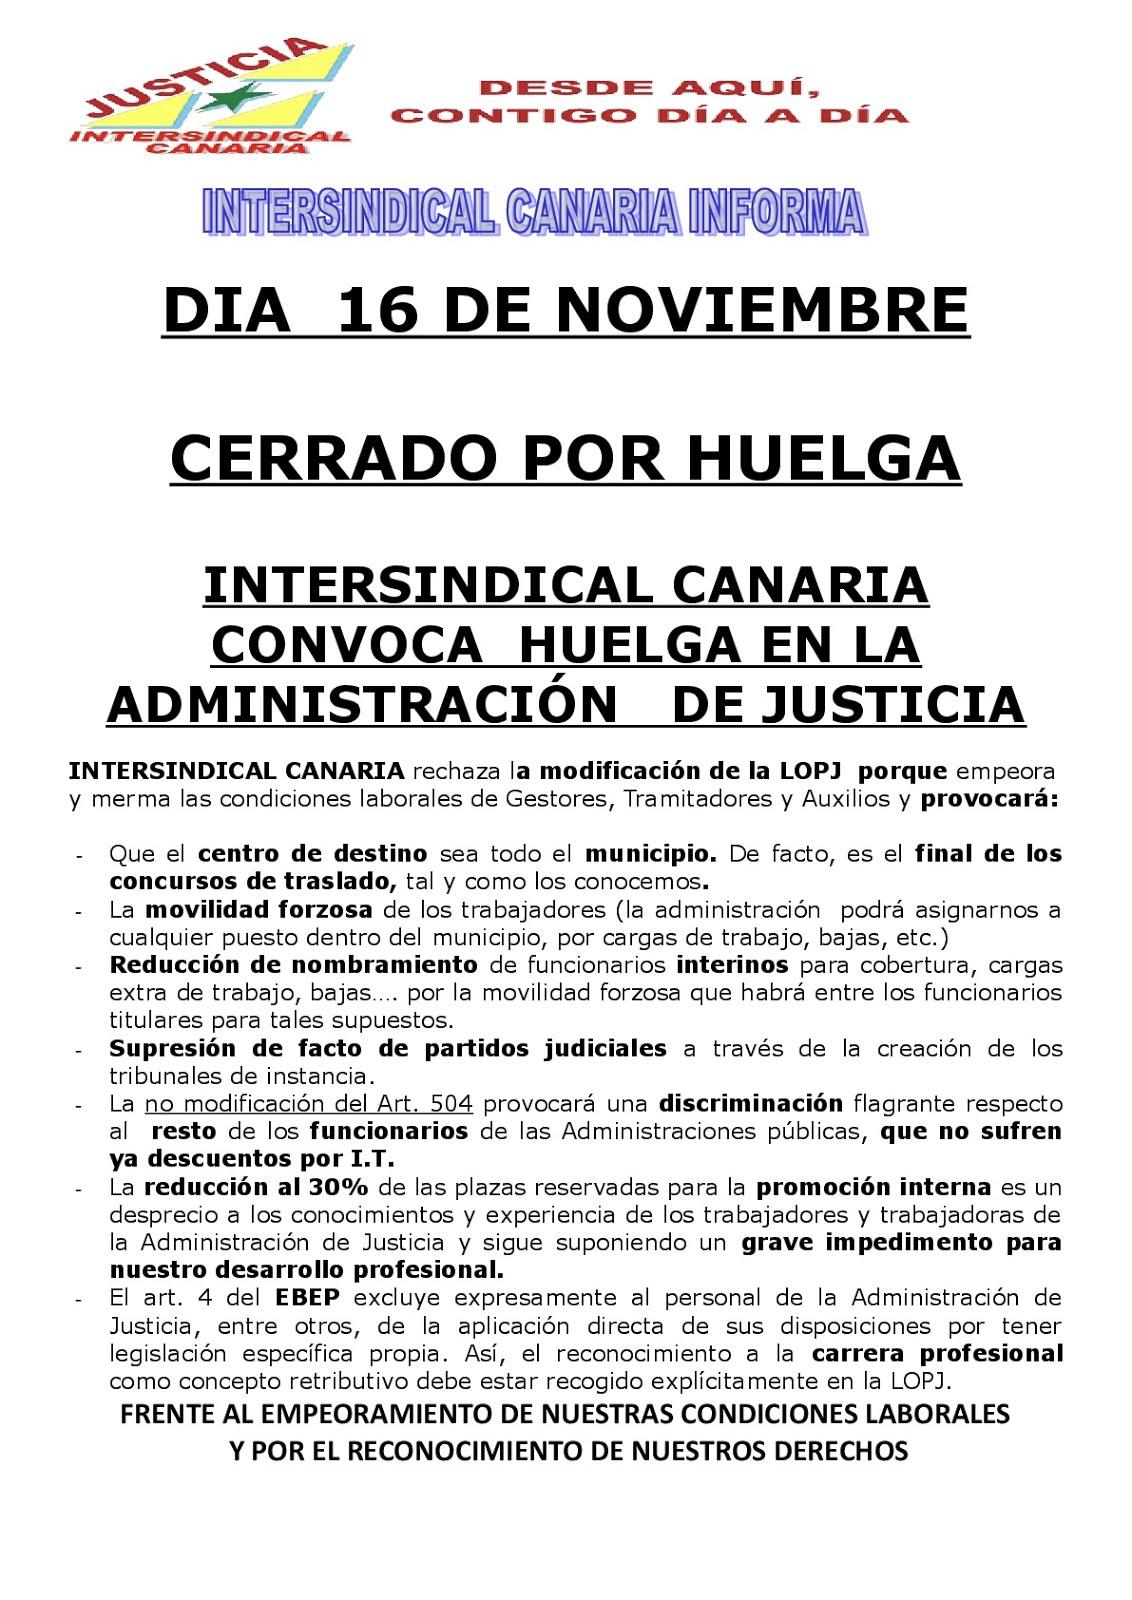 DIA 16 DE NOVIEMBRE CERRADO POR HUELGA